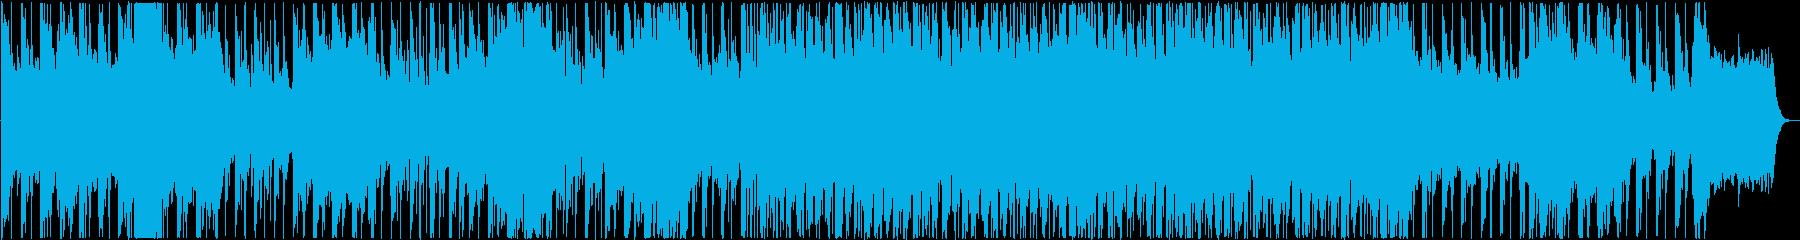 RPGのダンジョンや魔王の城のような曲の再生済みの波形